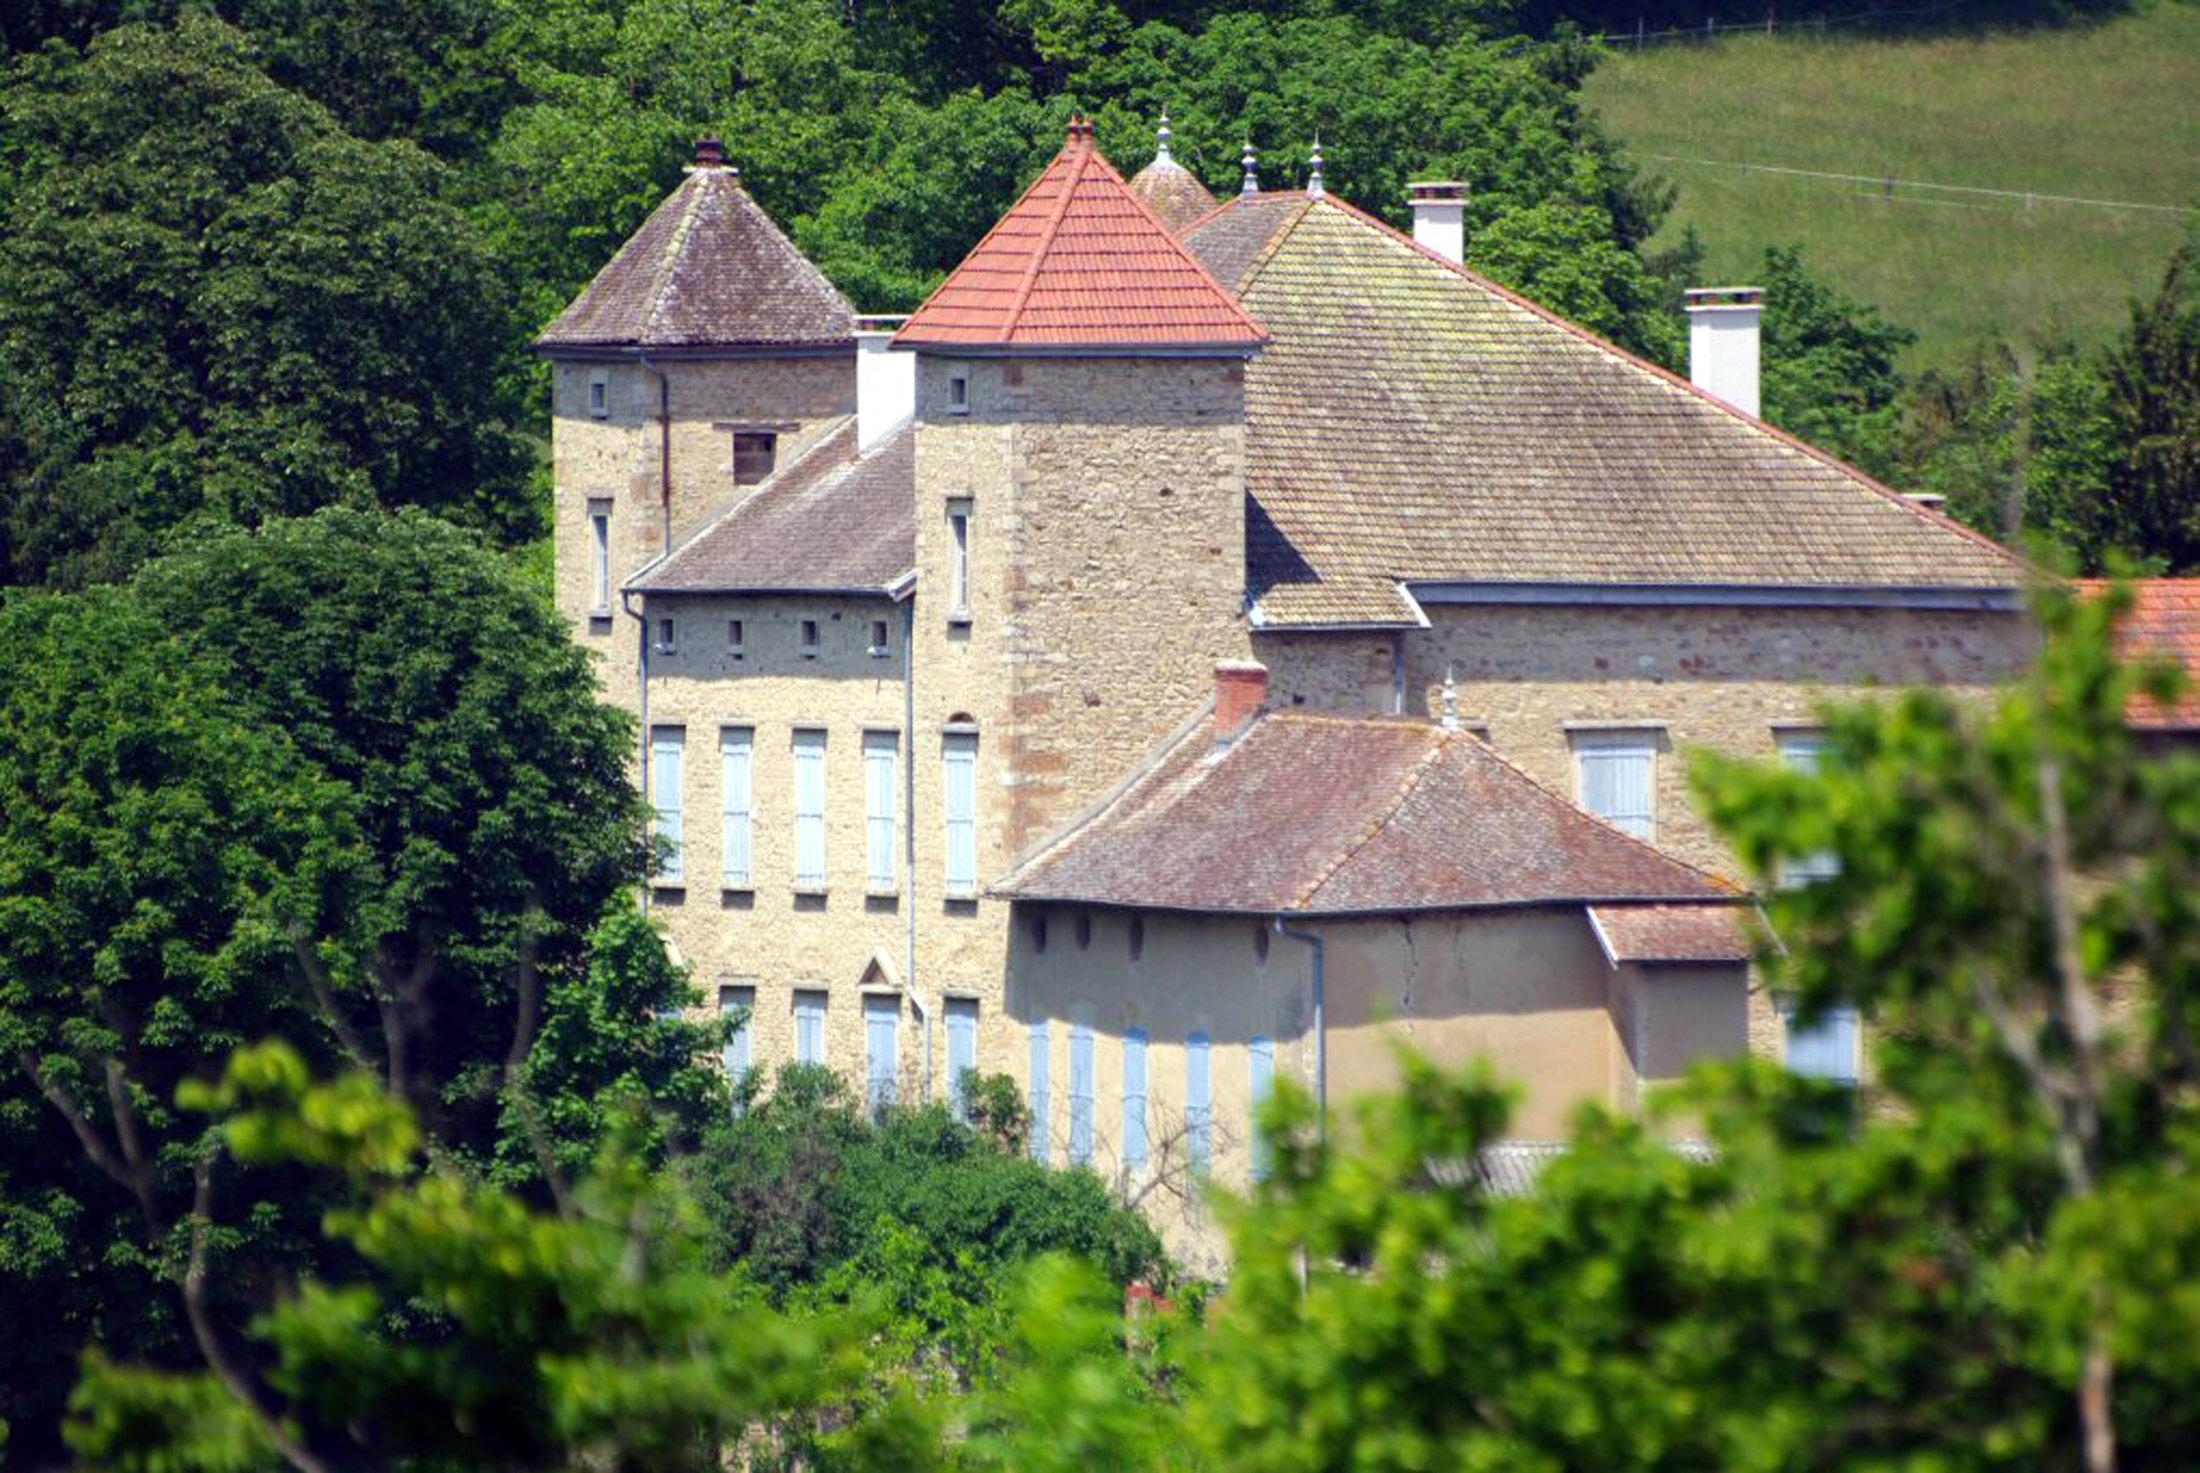 2019.03.07 Chateau-de-Veyssilieu-